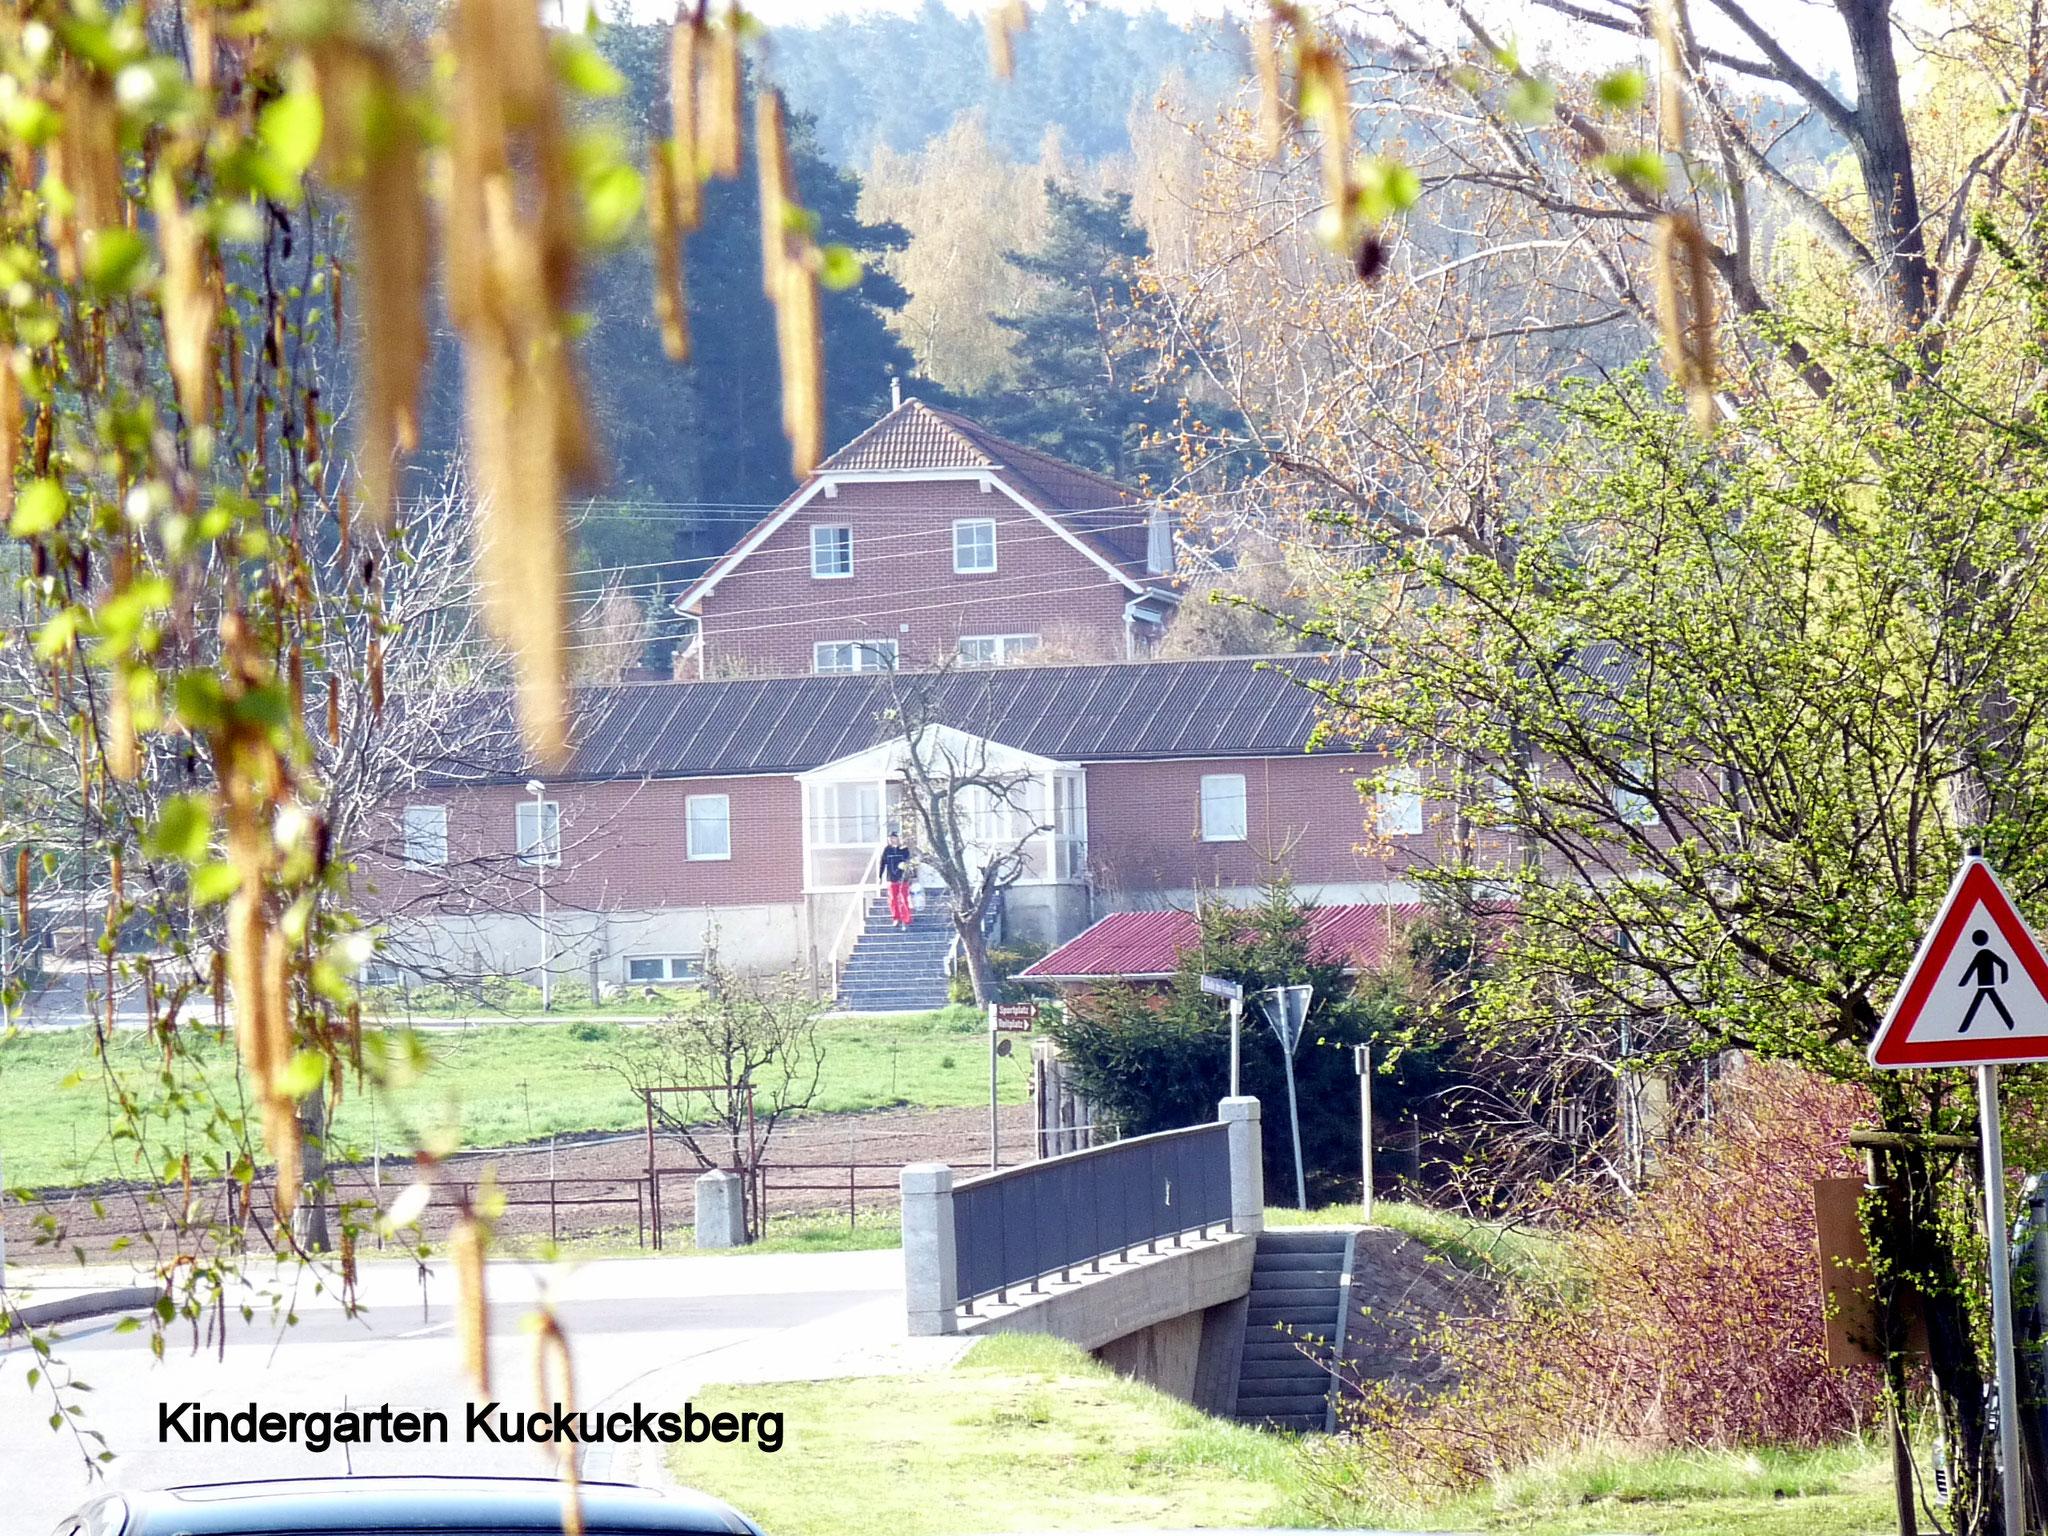 KIndergarten Kuckucksberg